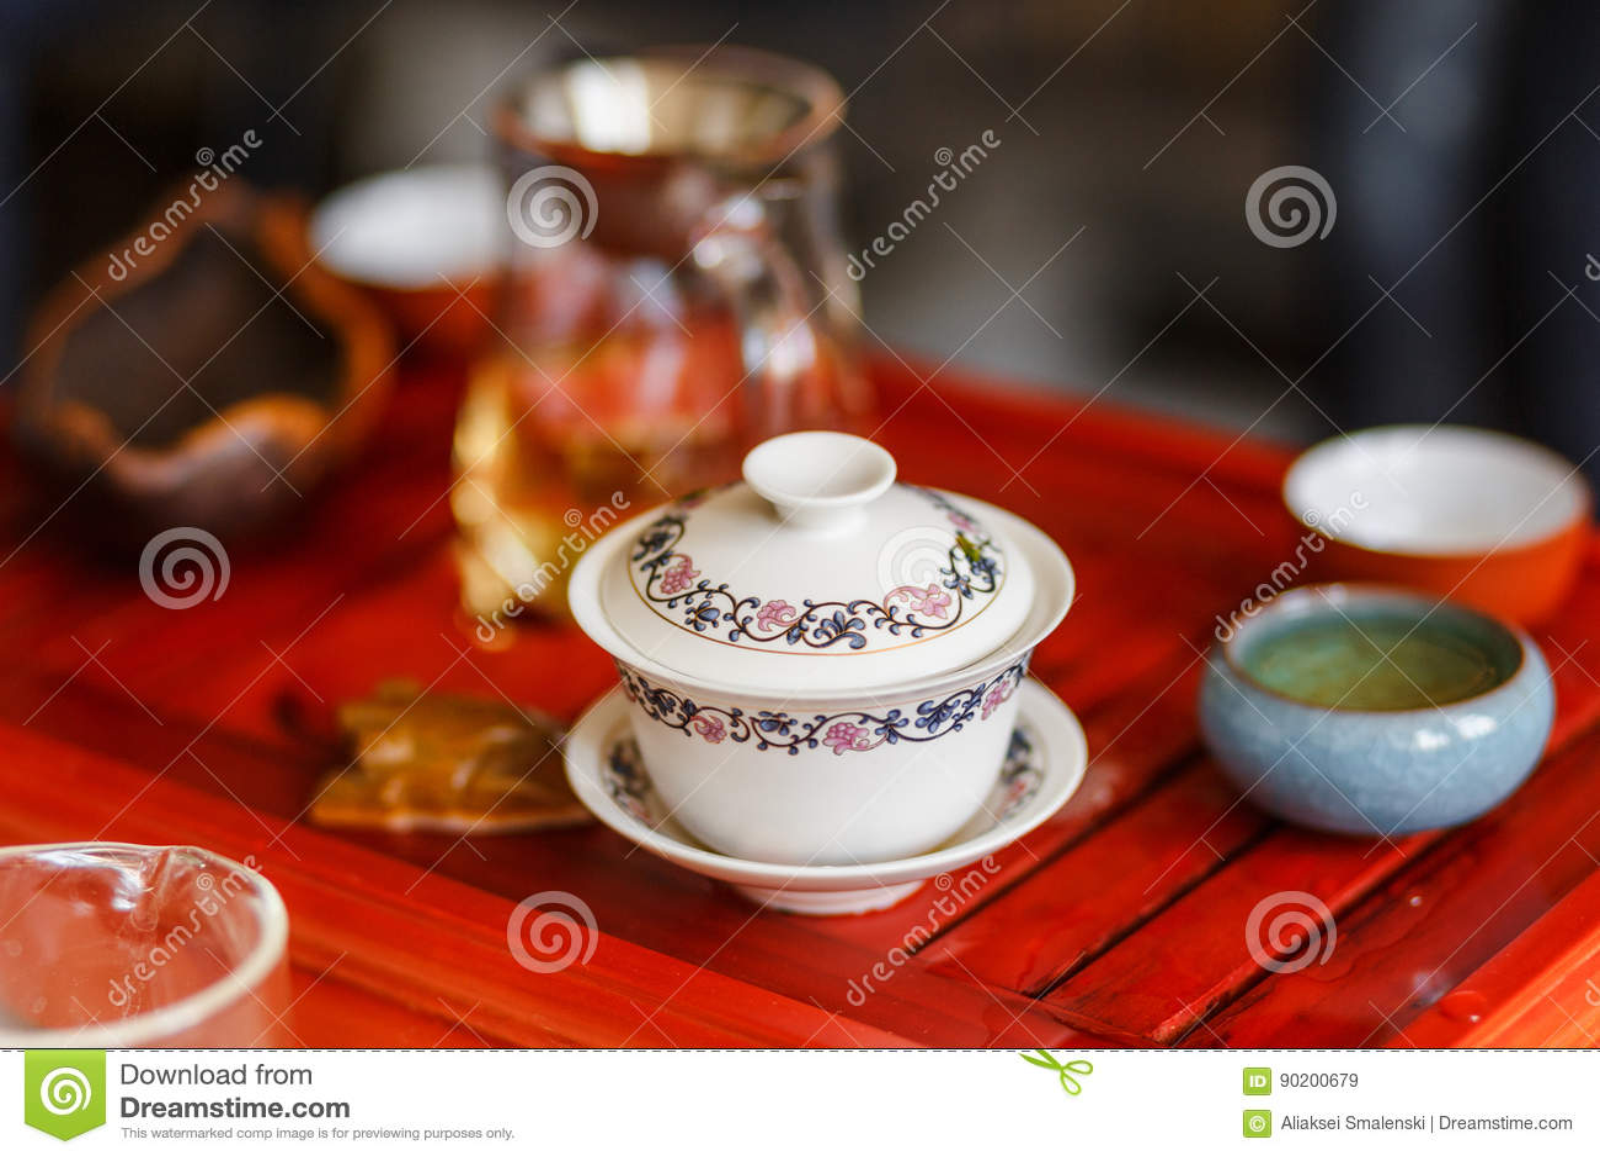 酿造在茶道的茶的过程